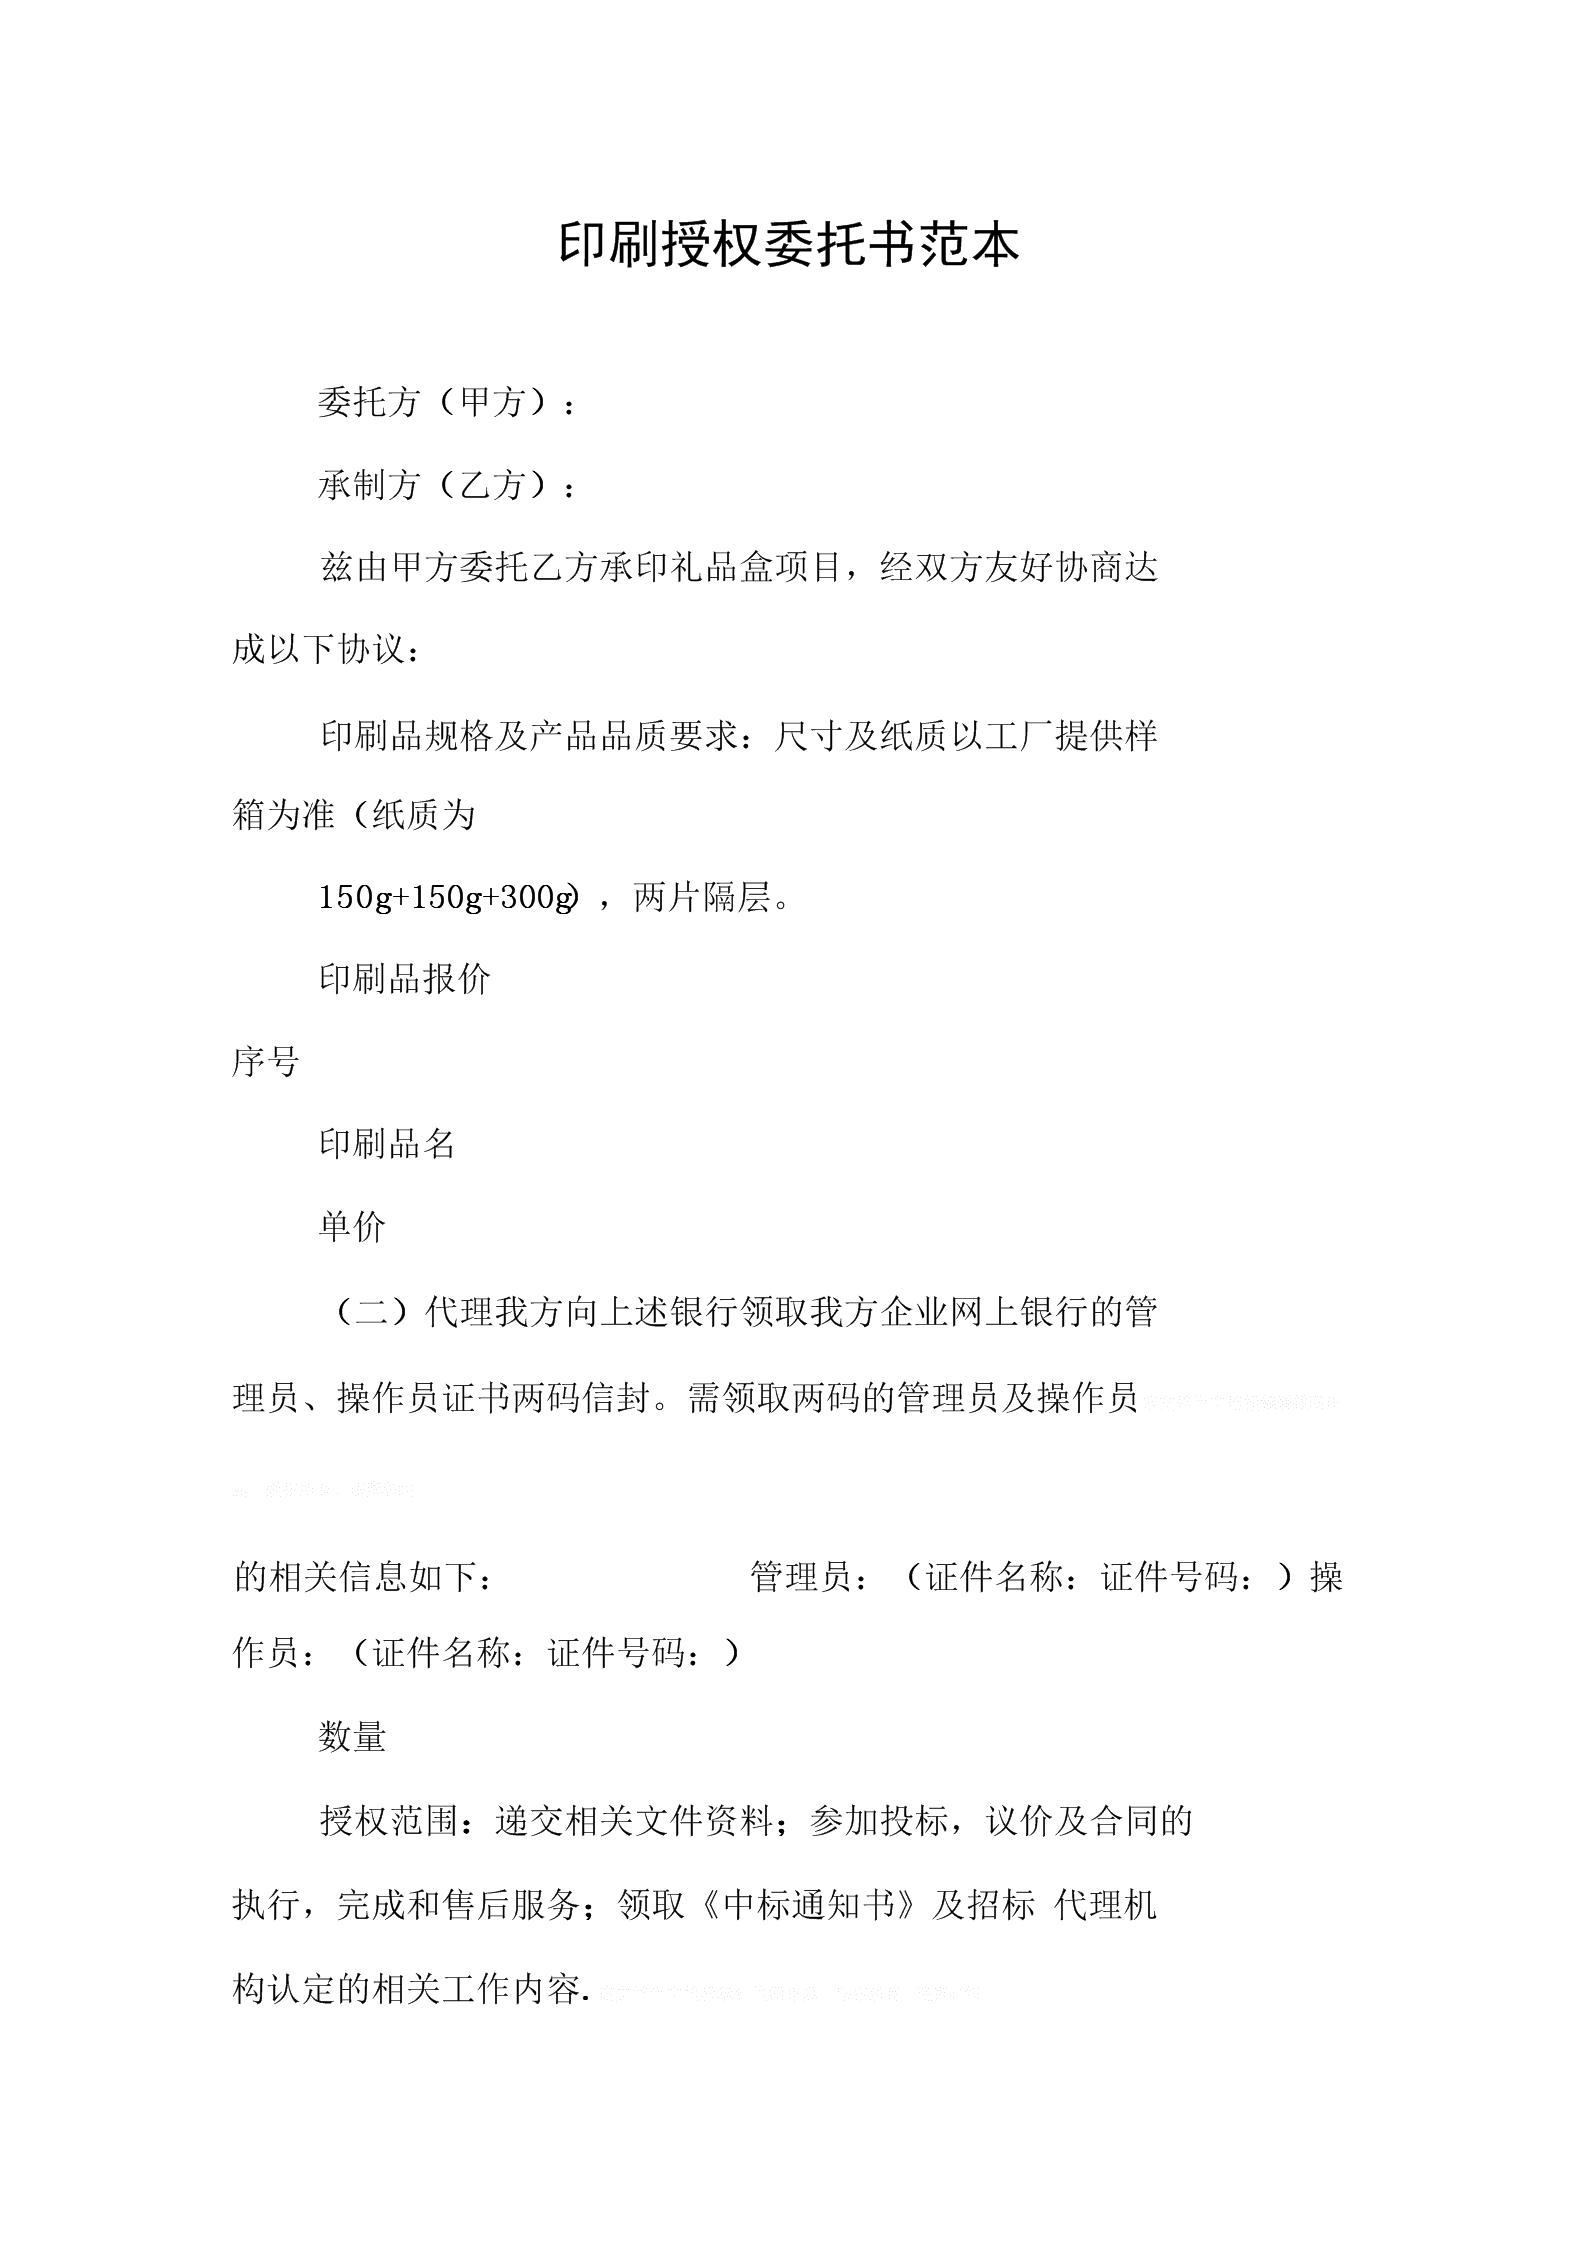 印刷授权委托书范本.docx